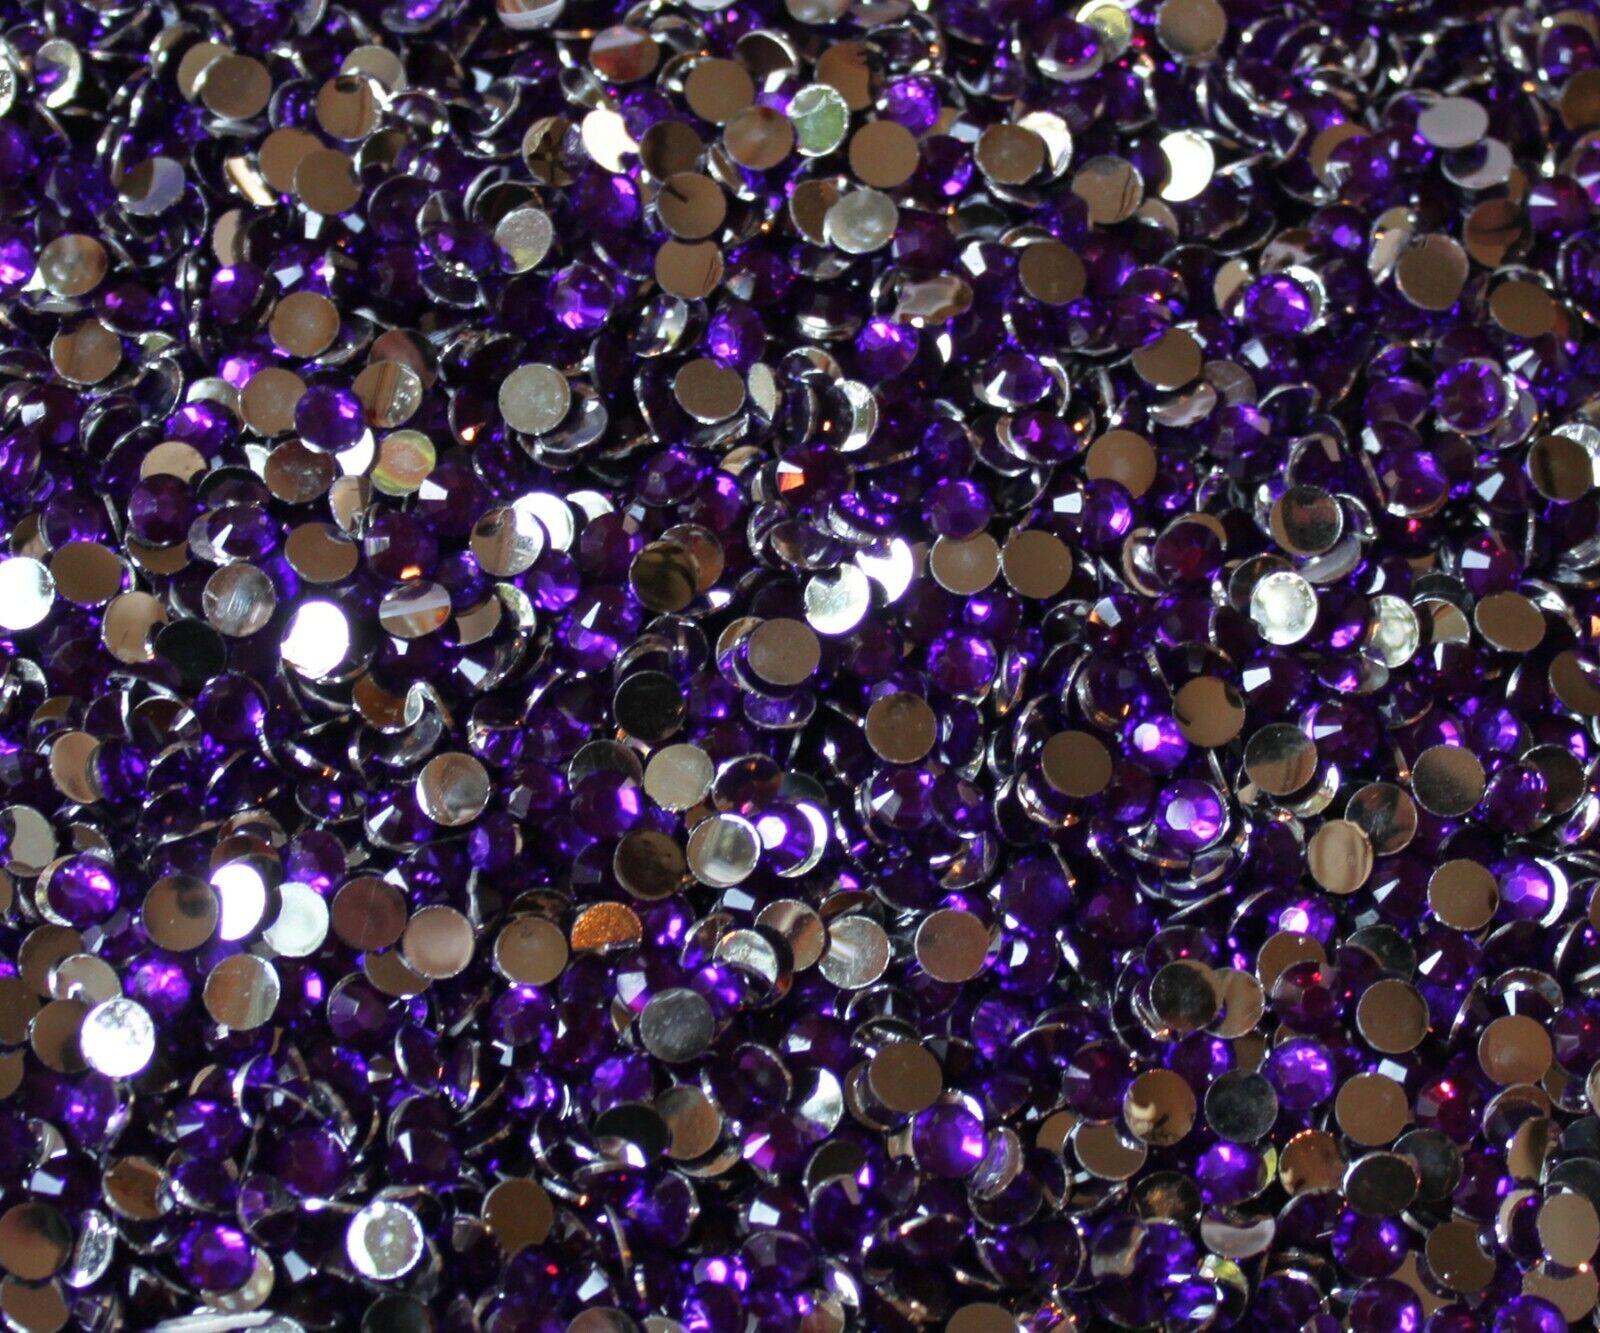 1000 Crystal Flat Back Resin Rhinestones Gems 60 colors, 2mm, 3mm, 4mm, 5mm, 6.5 VIOLET